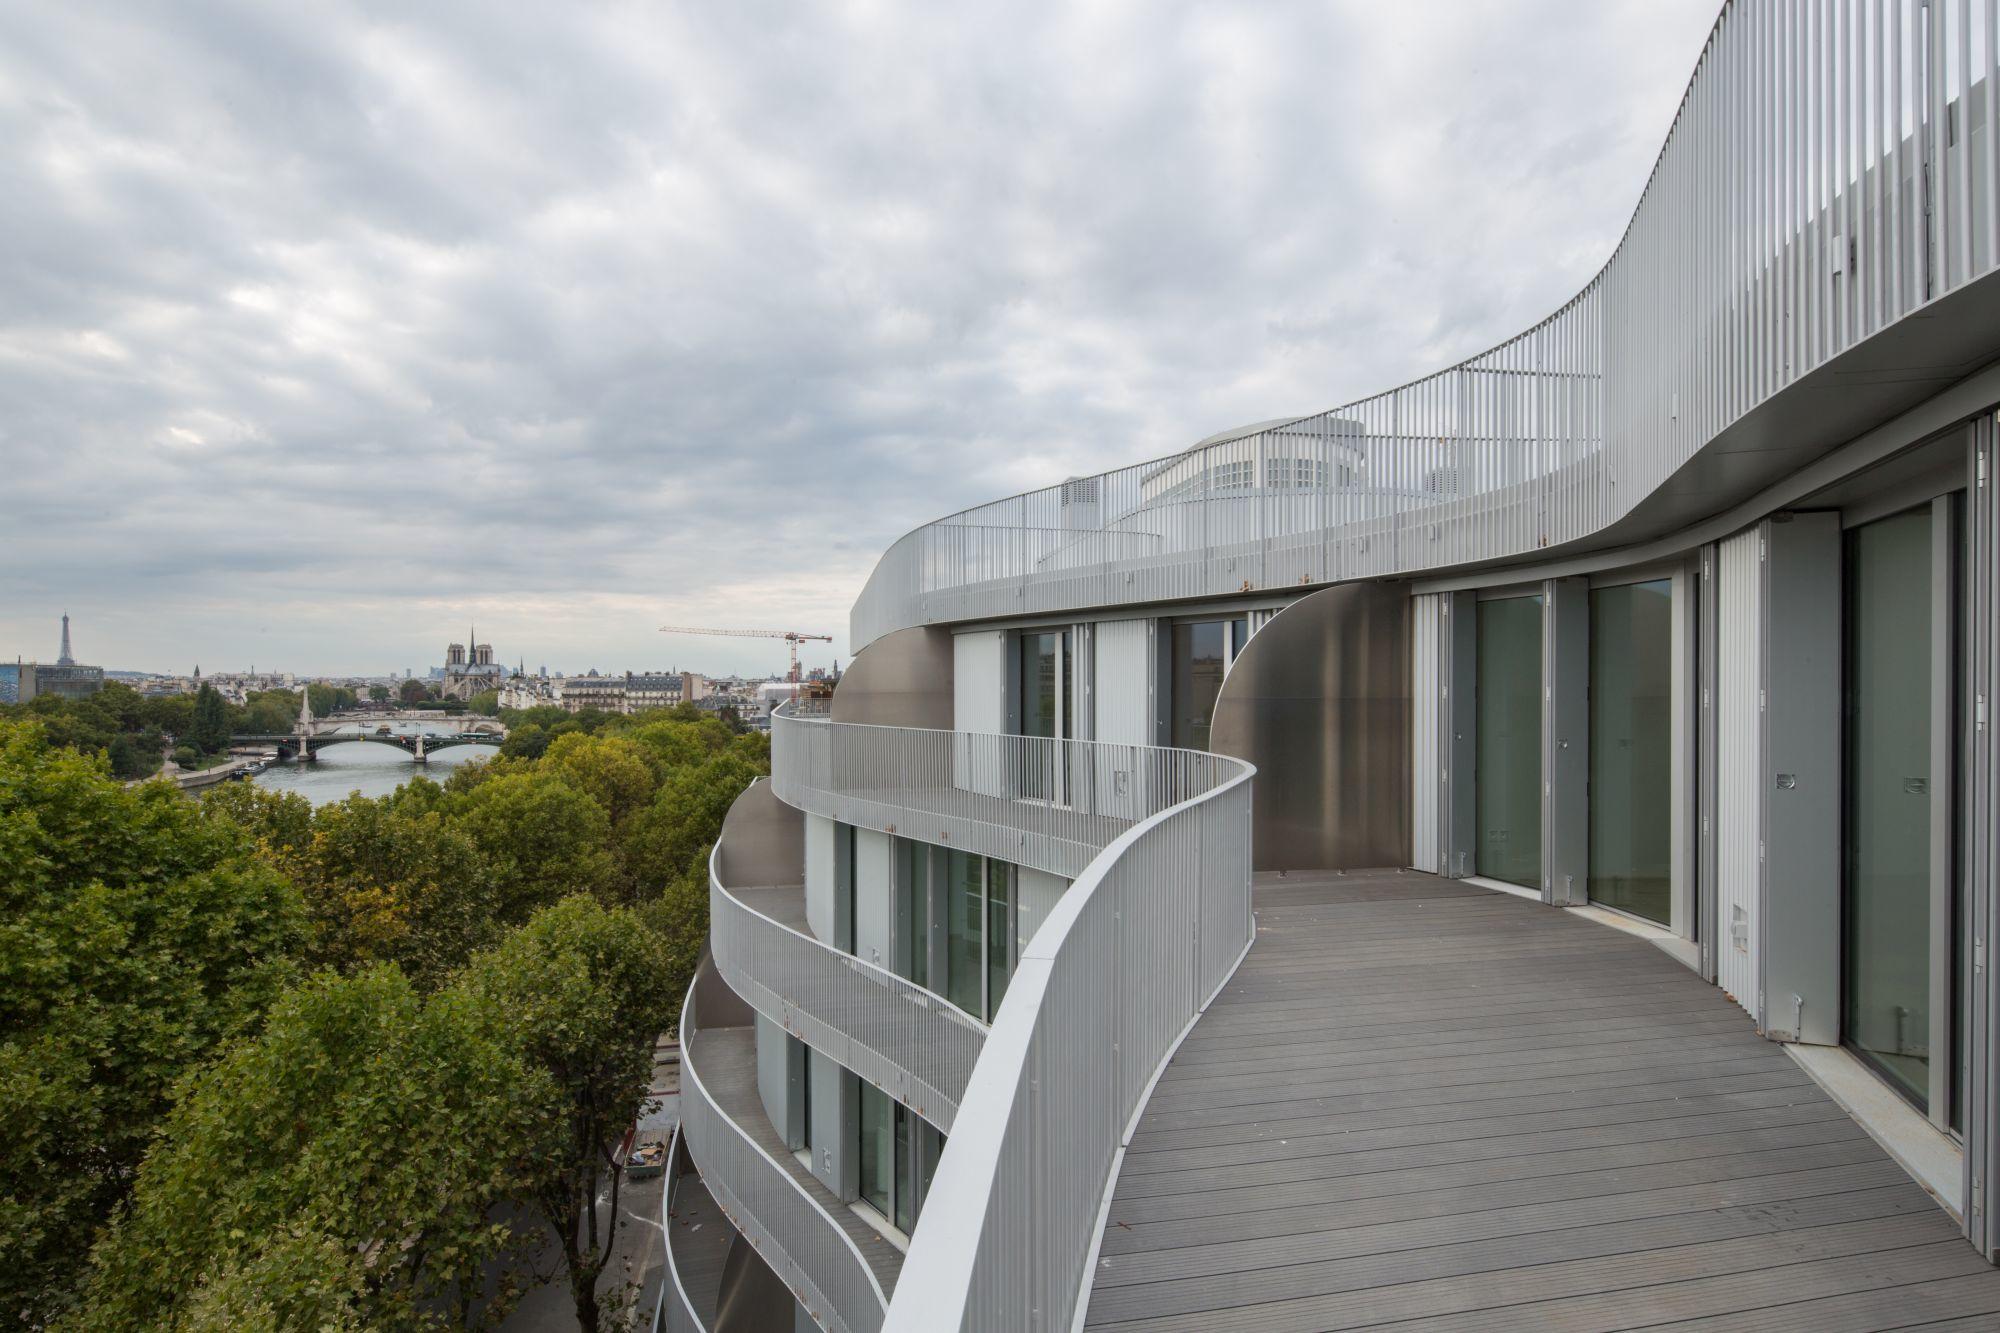 Lin architekten urbanisten berlin architekten baunetz architekten profil - Lin architekten ...